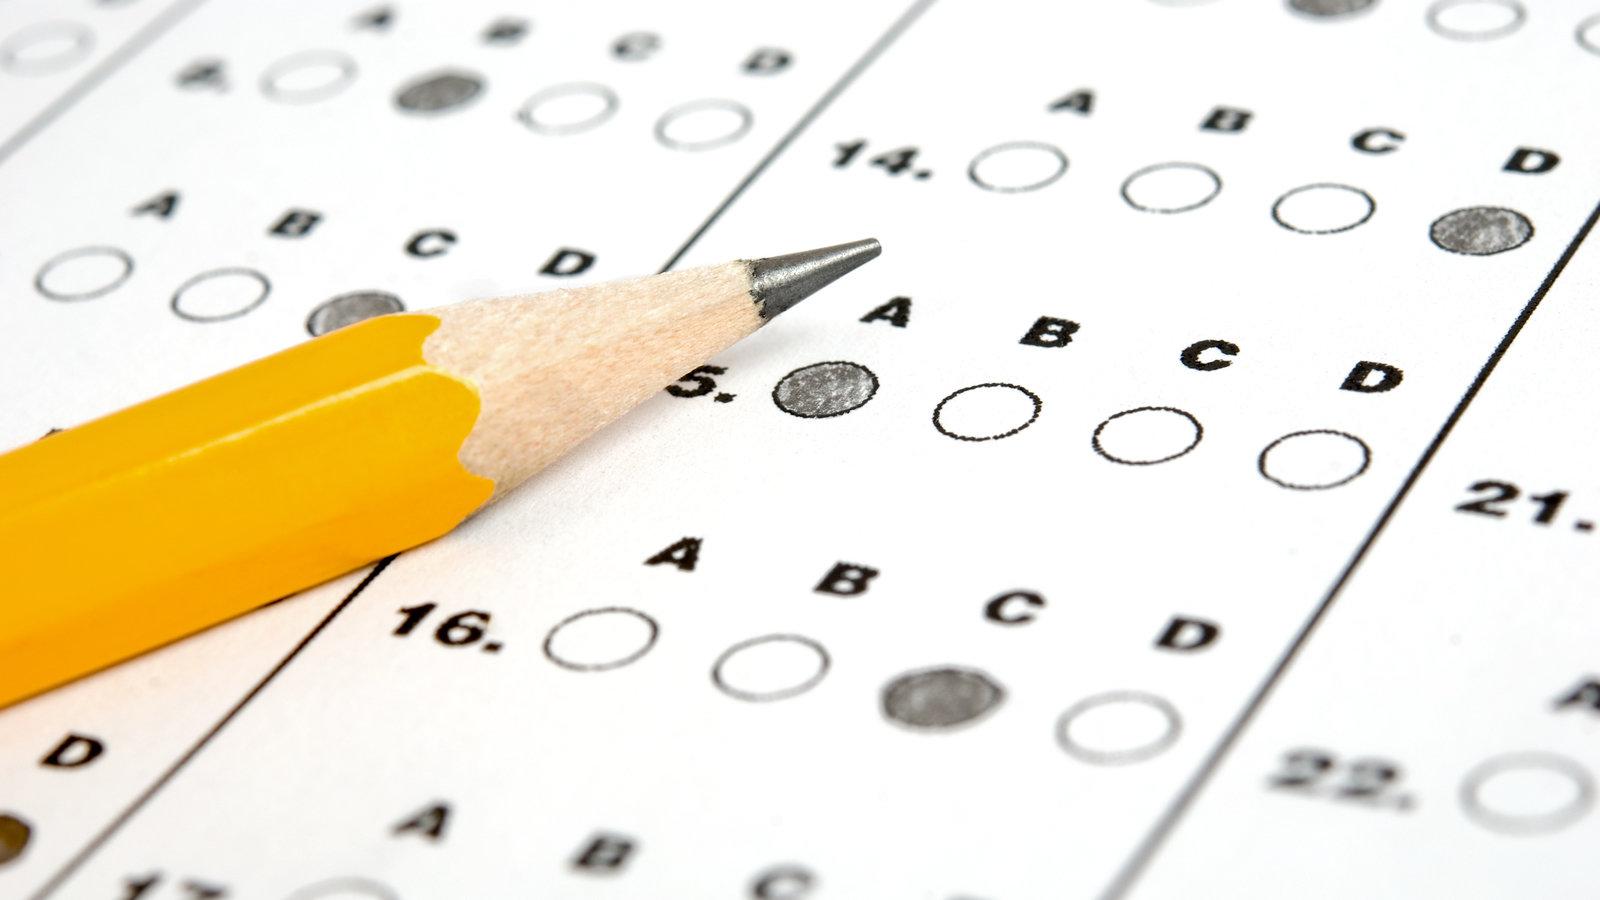 Concorsi pubblici: una matita e un test a crocette.